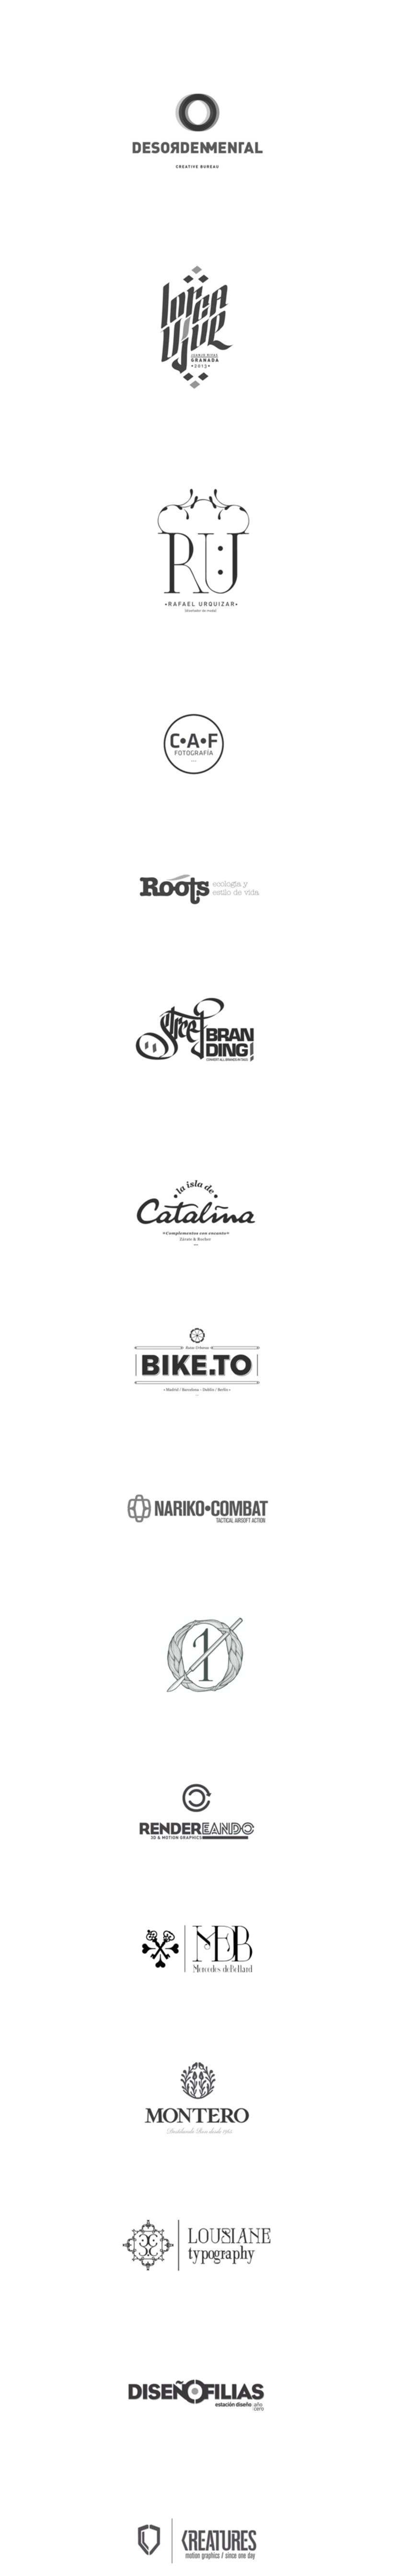 logos selección vol.1 -1